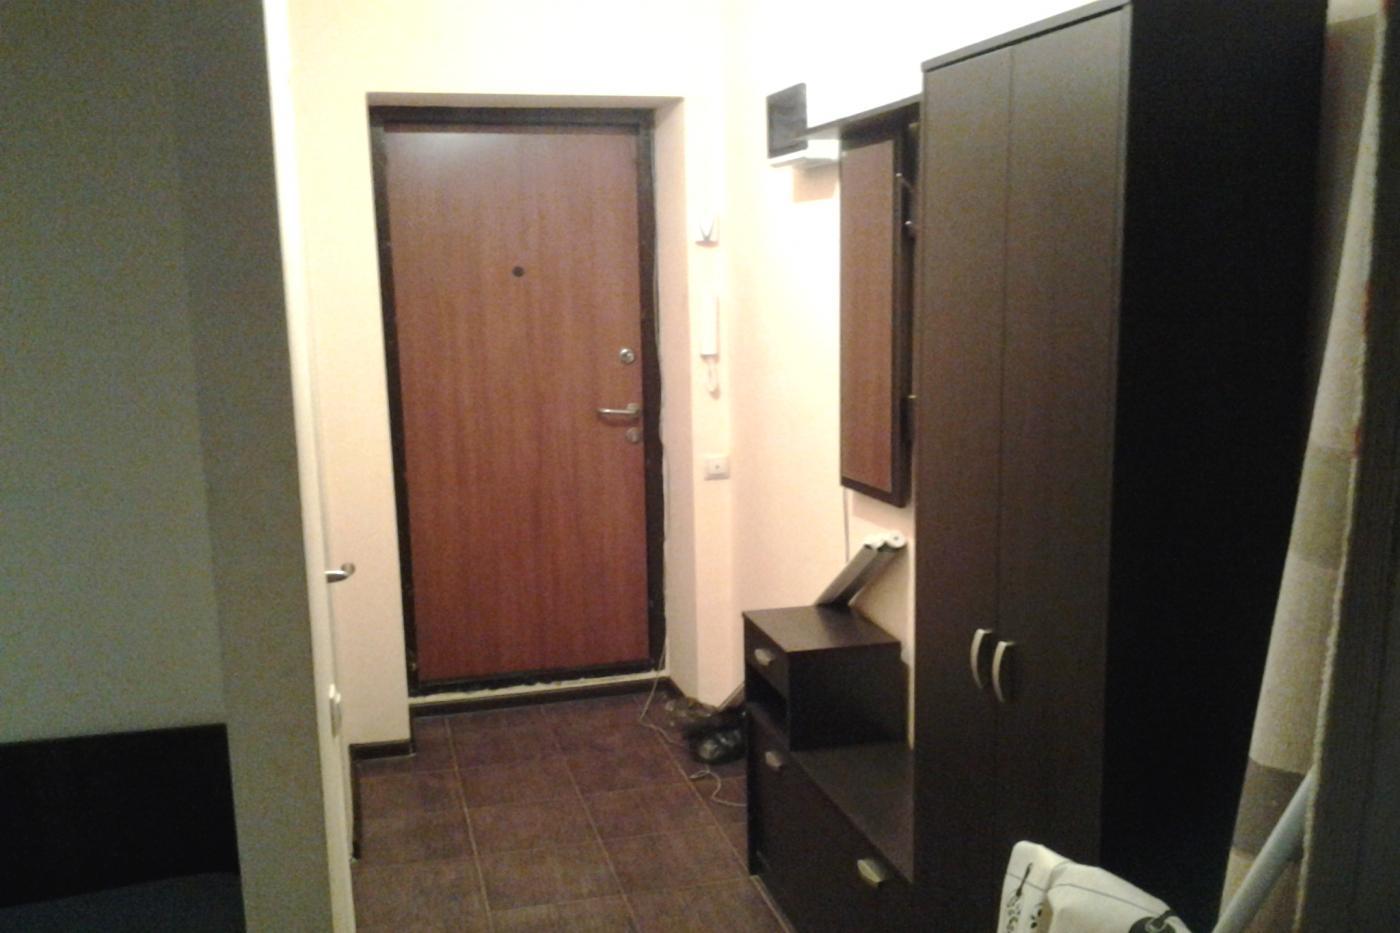 1-комнатная квартира посуточно (вариант № 1662), ул. Берёзовая роща, фото № 6